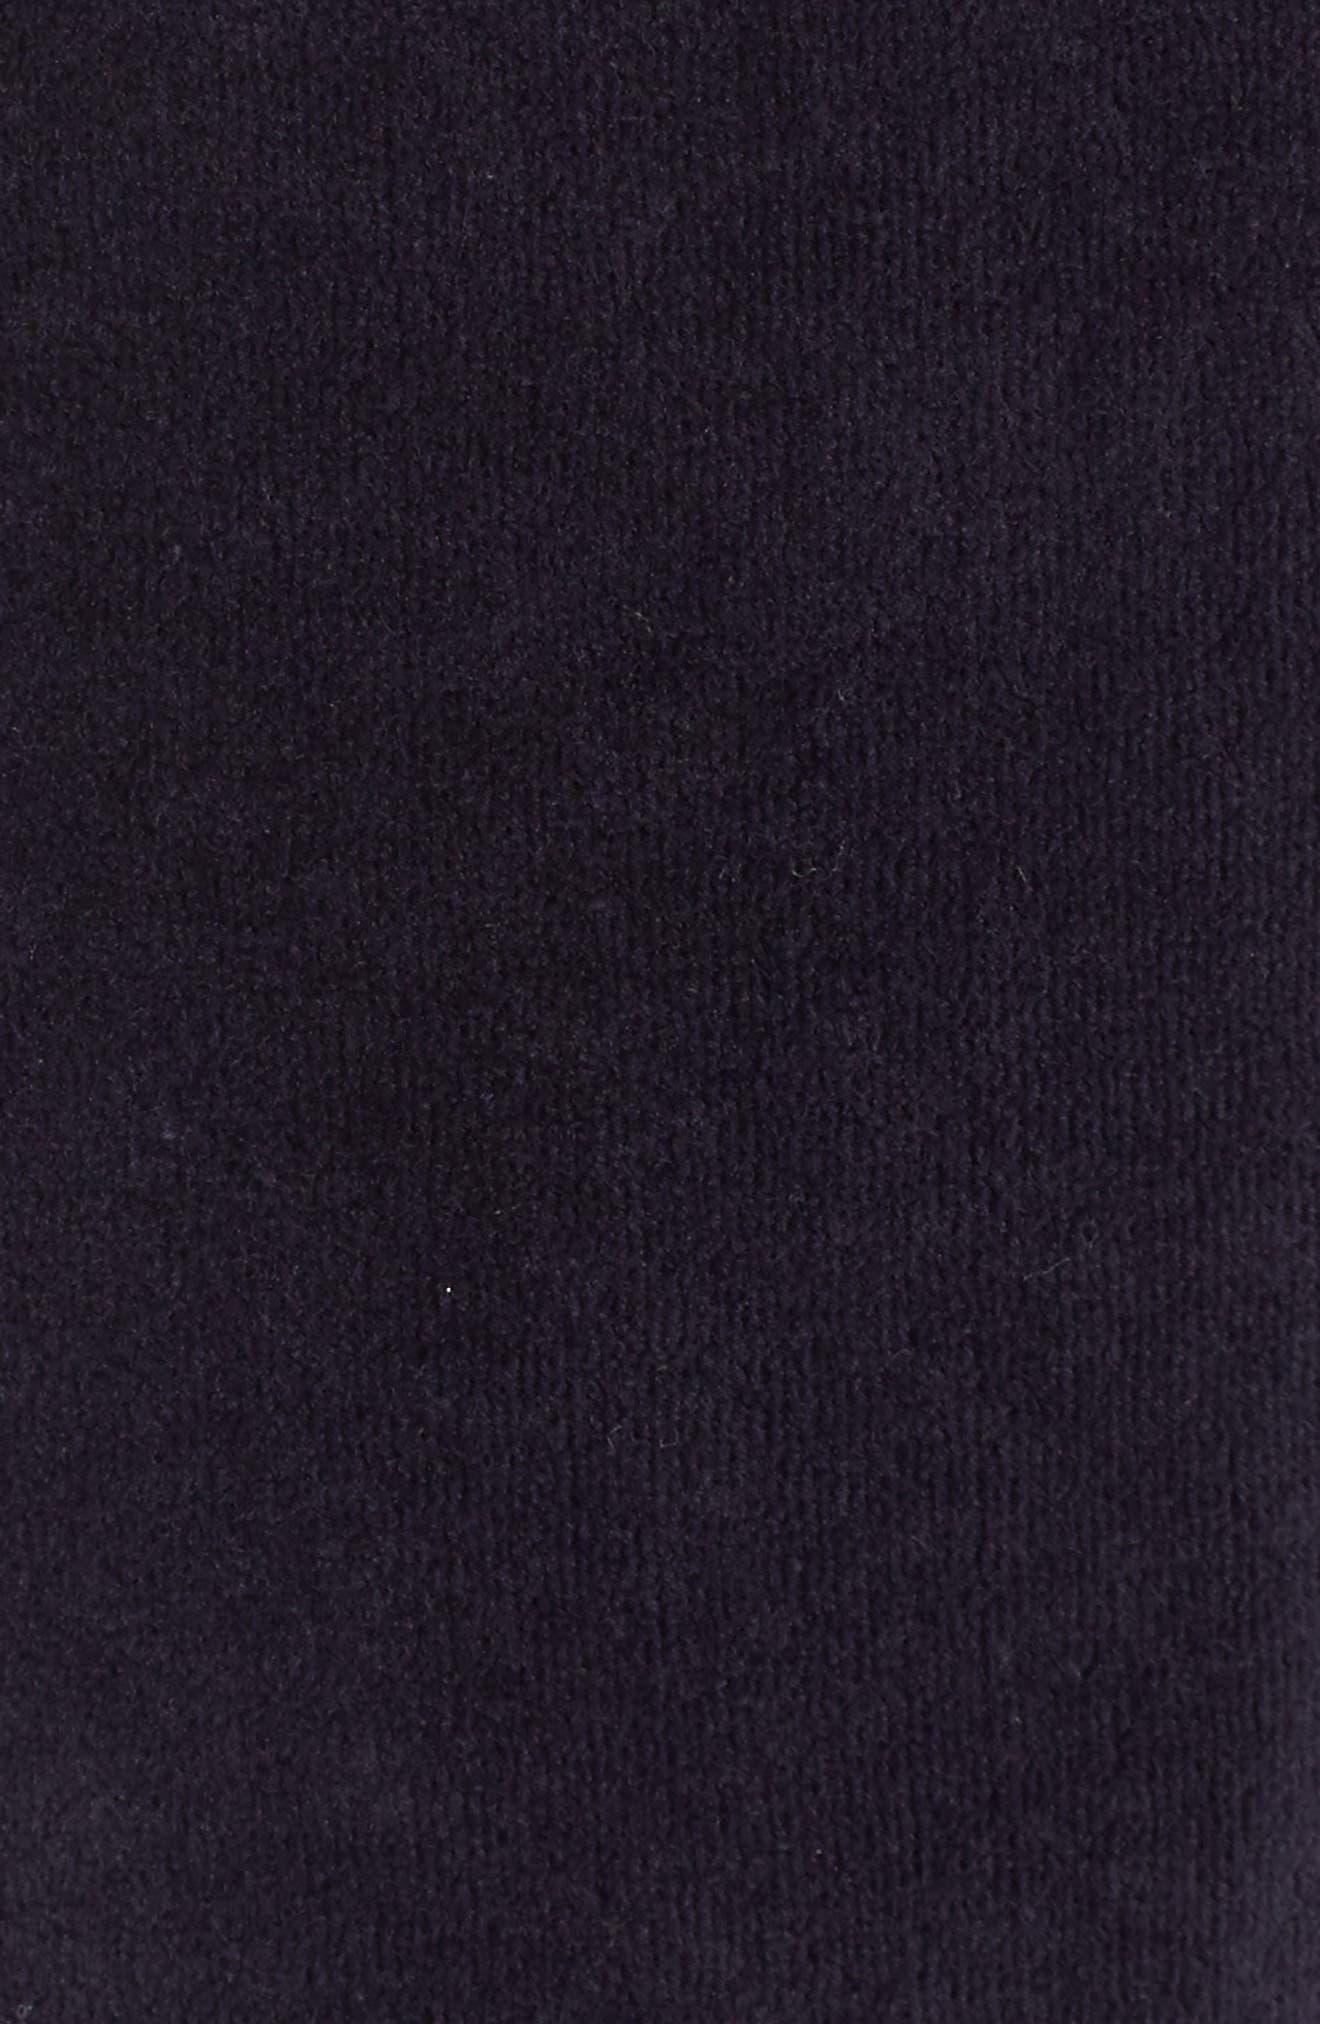 Velour Jogger Pants,                             Alternate thumbnail 5, color,                             Nine Iron